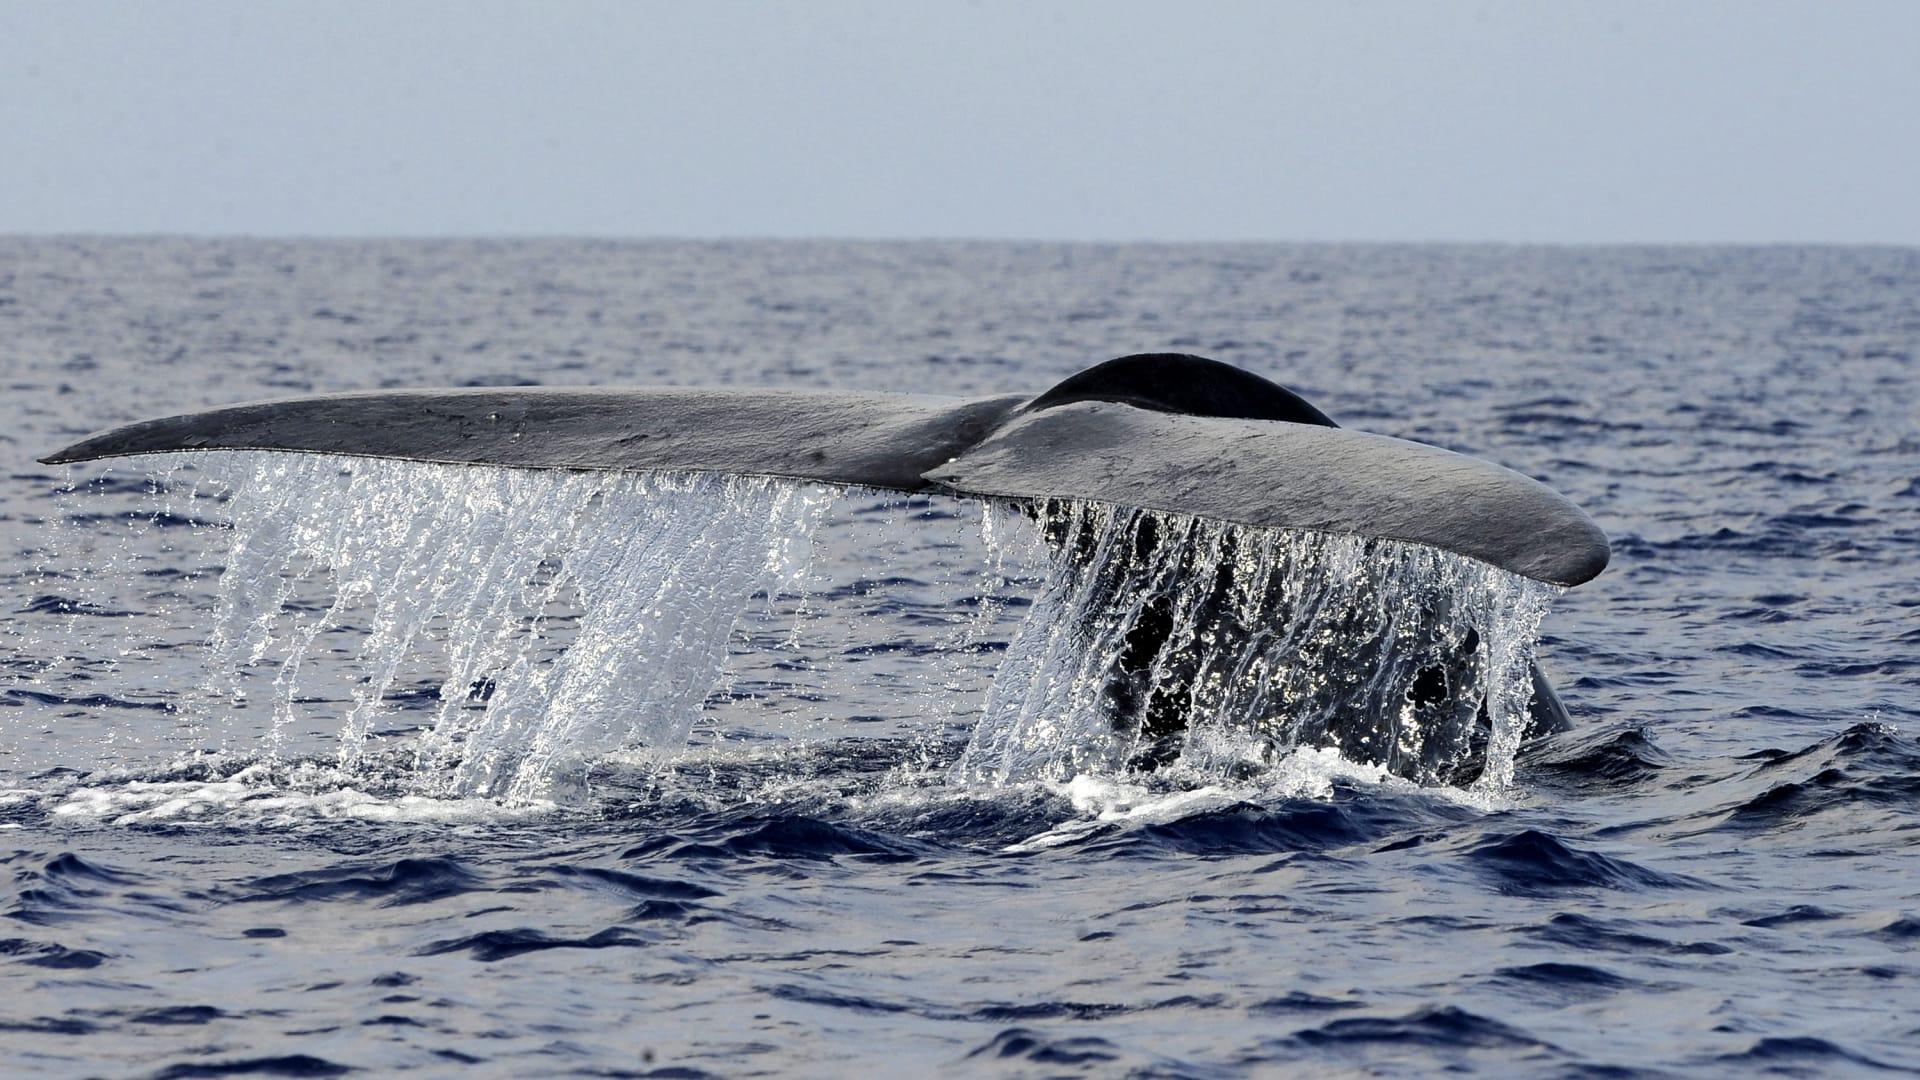 هل تعتقد أن قلبك كبير؟ انتظر حتى تقابل الحوت الأزرق إذاً!